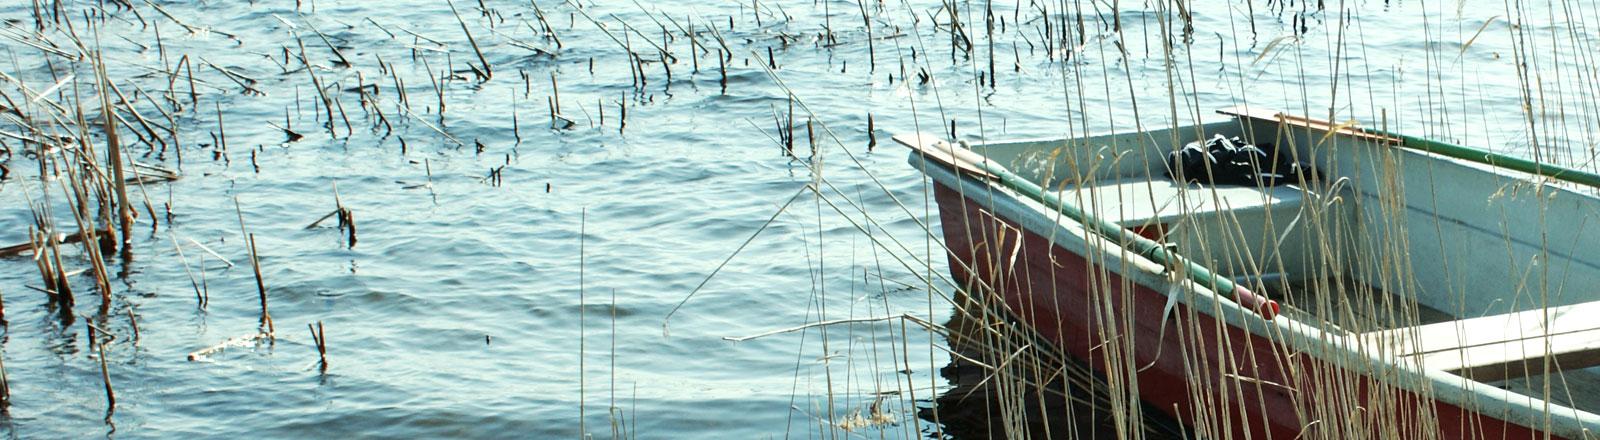 Boot am Ufer eines Sees